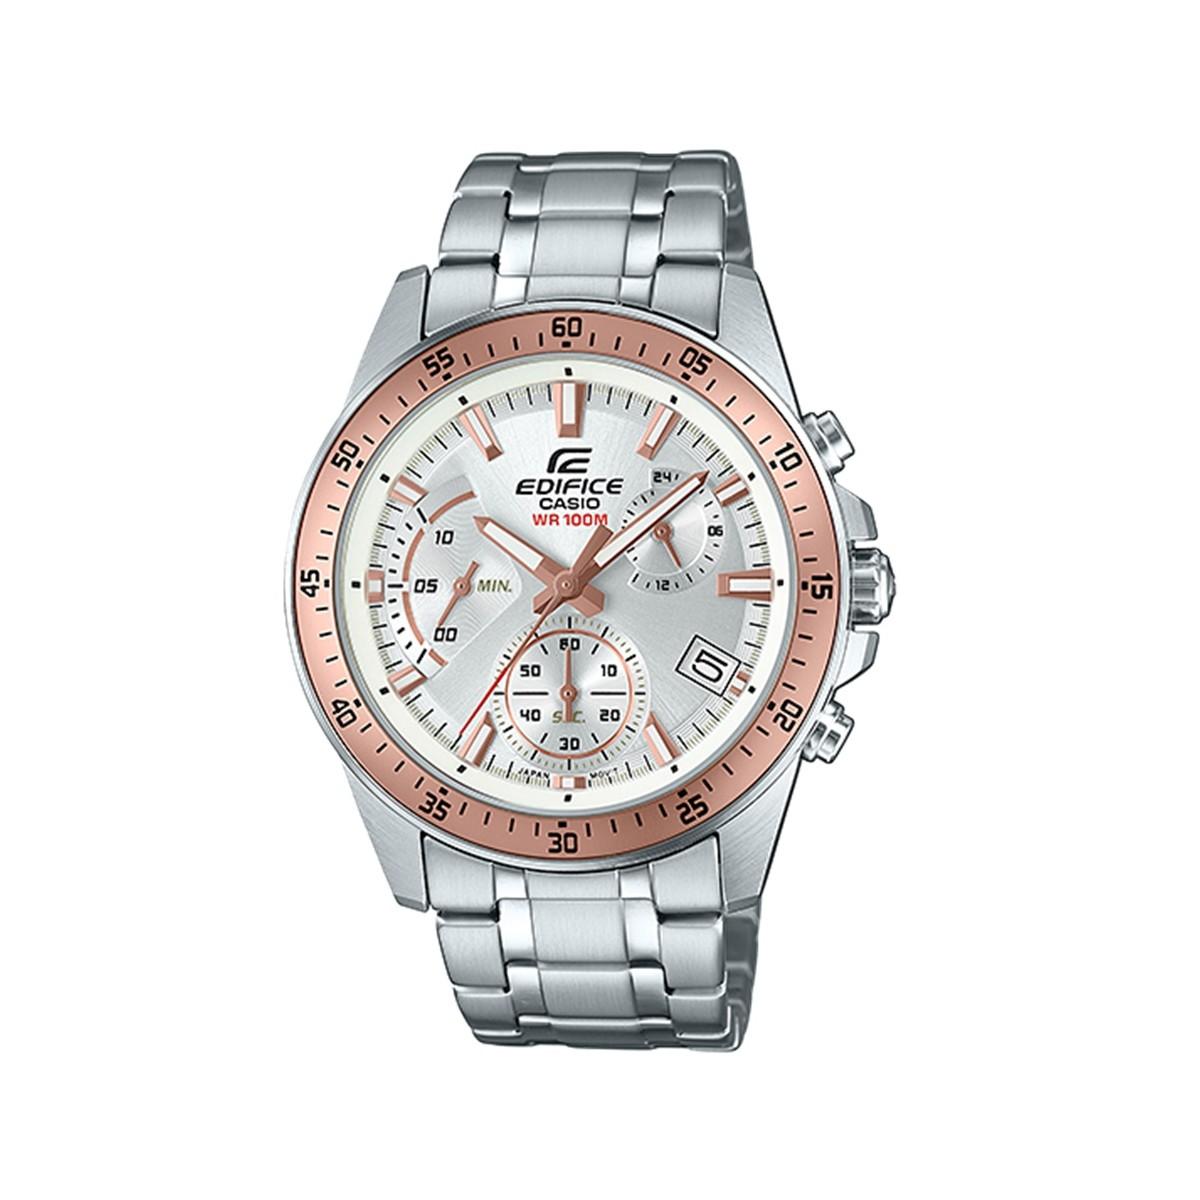 https://www.gaberjoyeria.com/5729-thickbox_default/reloj-casio.jpg